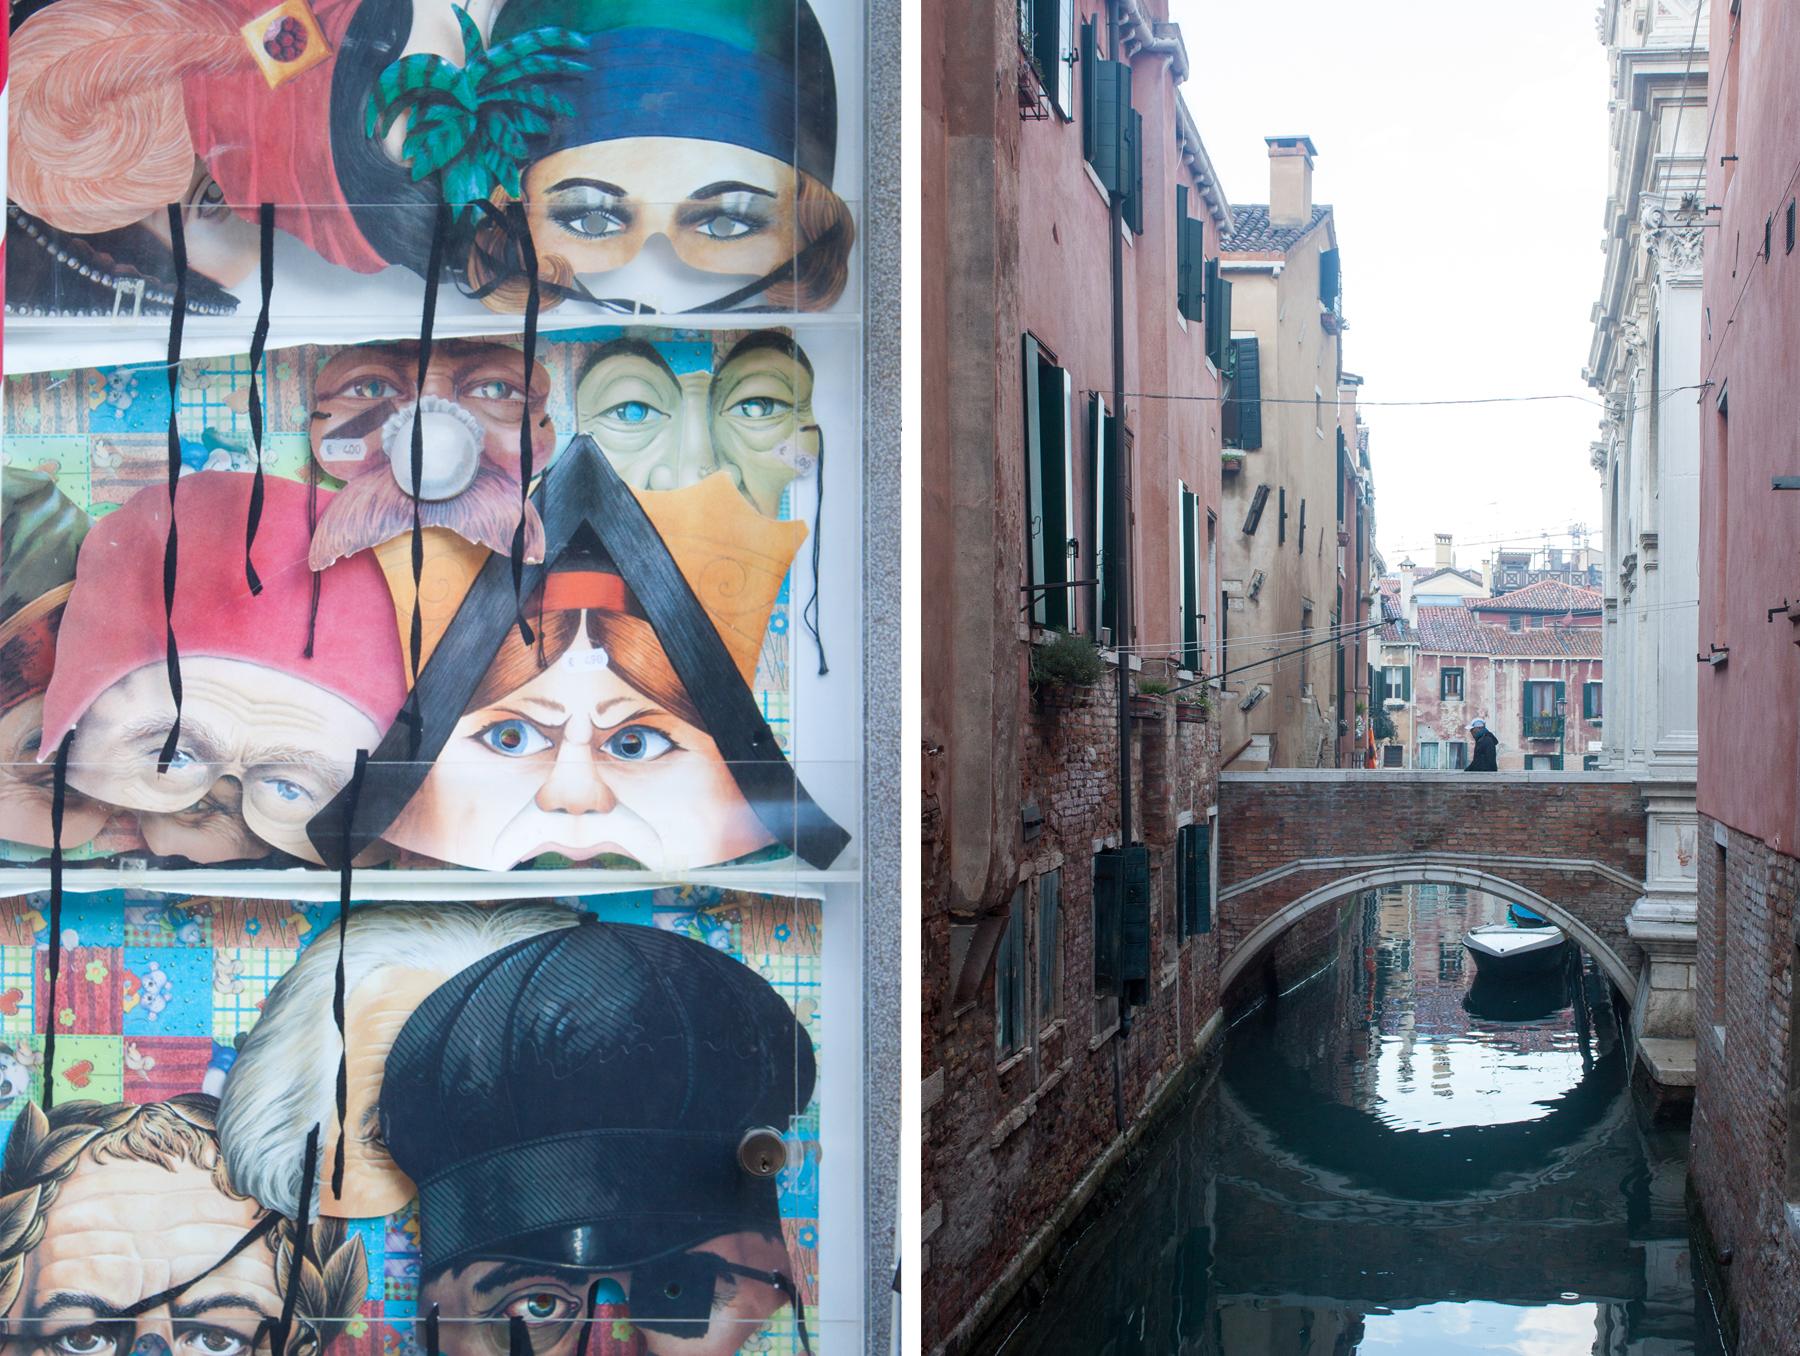 Streets of Venice, Graffiti and Bridge | lifeofkitty.co.uk